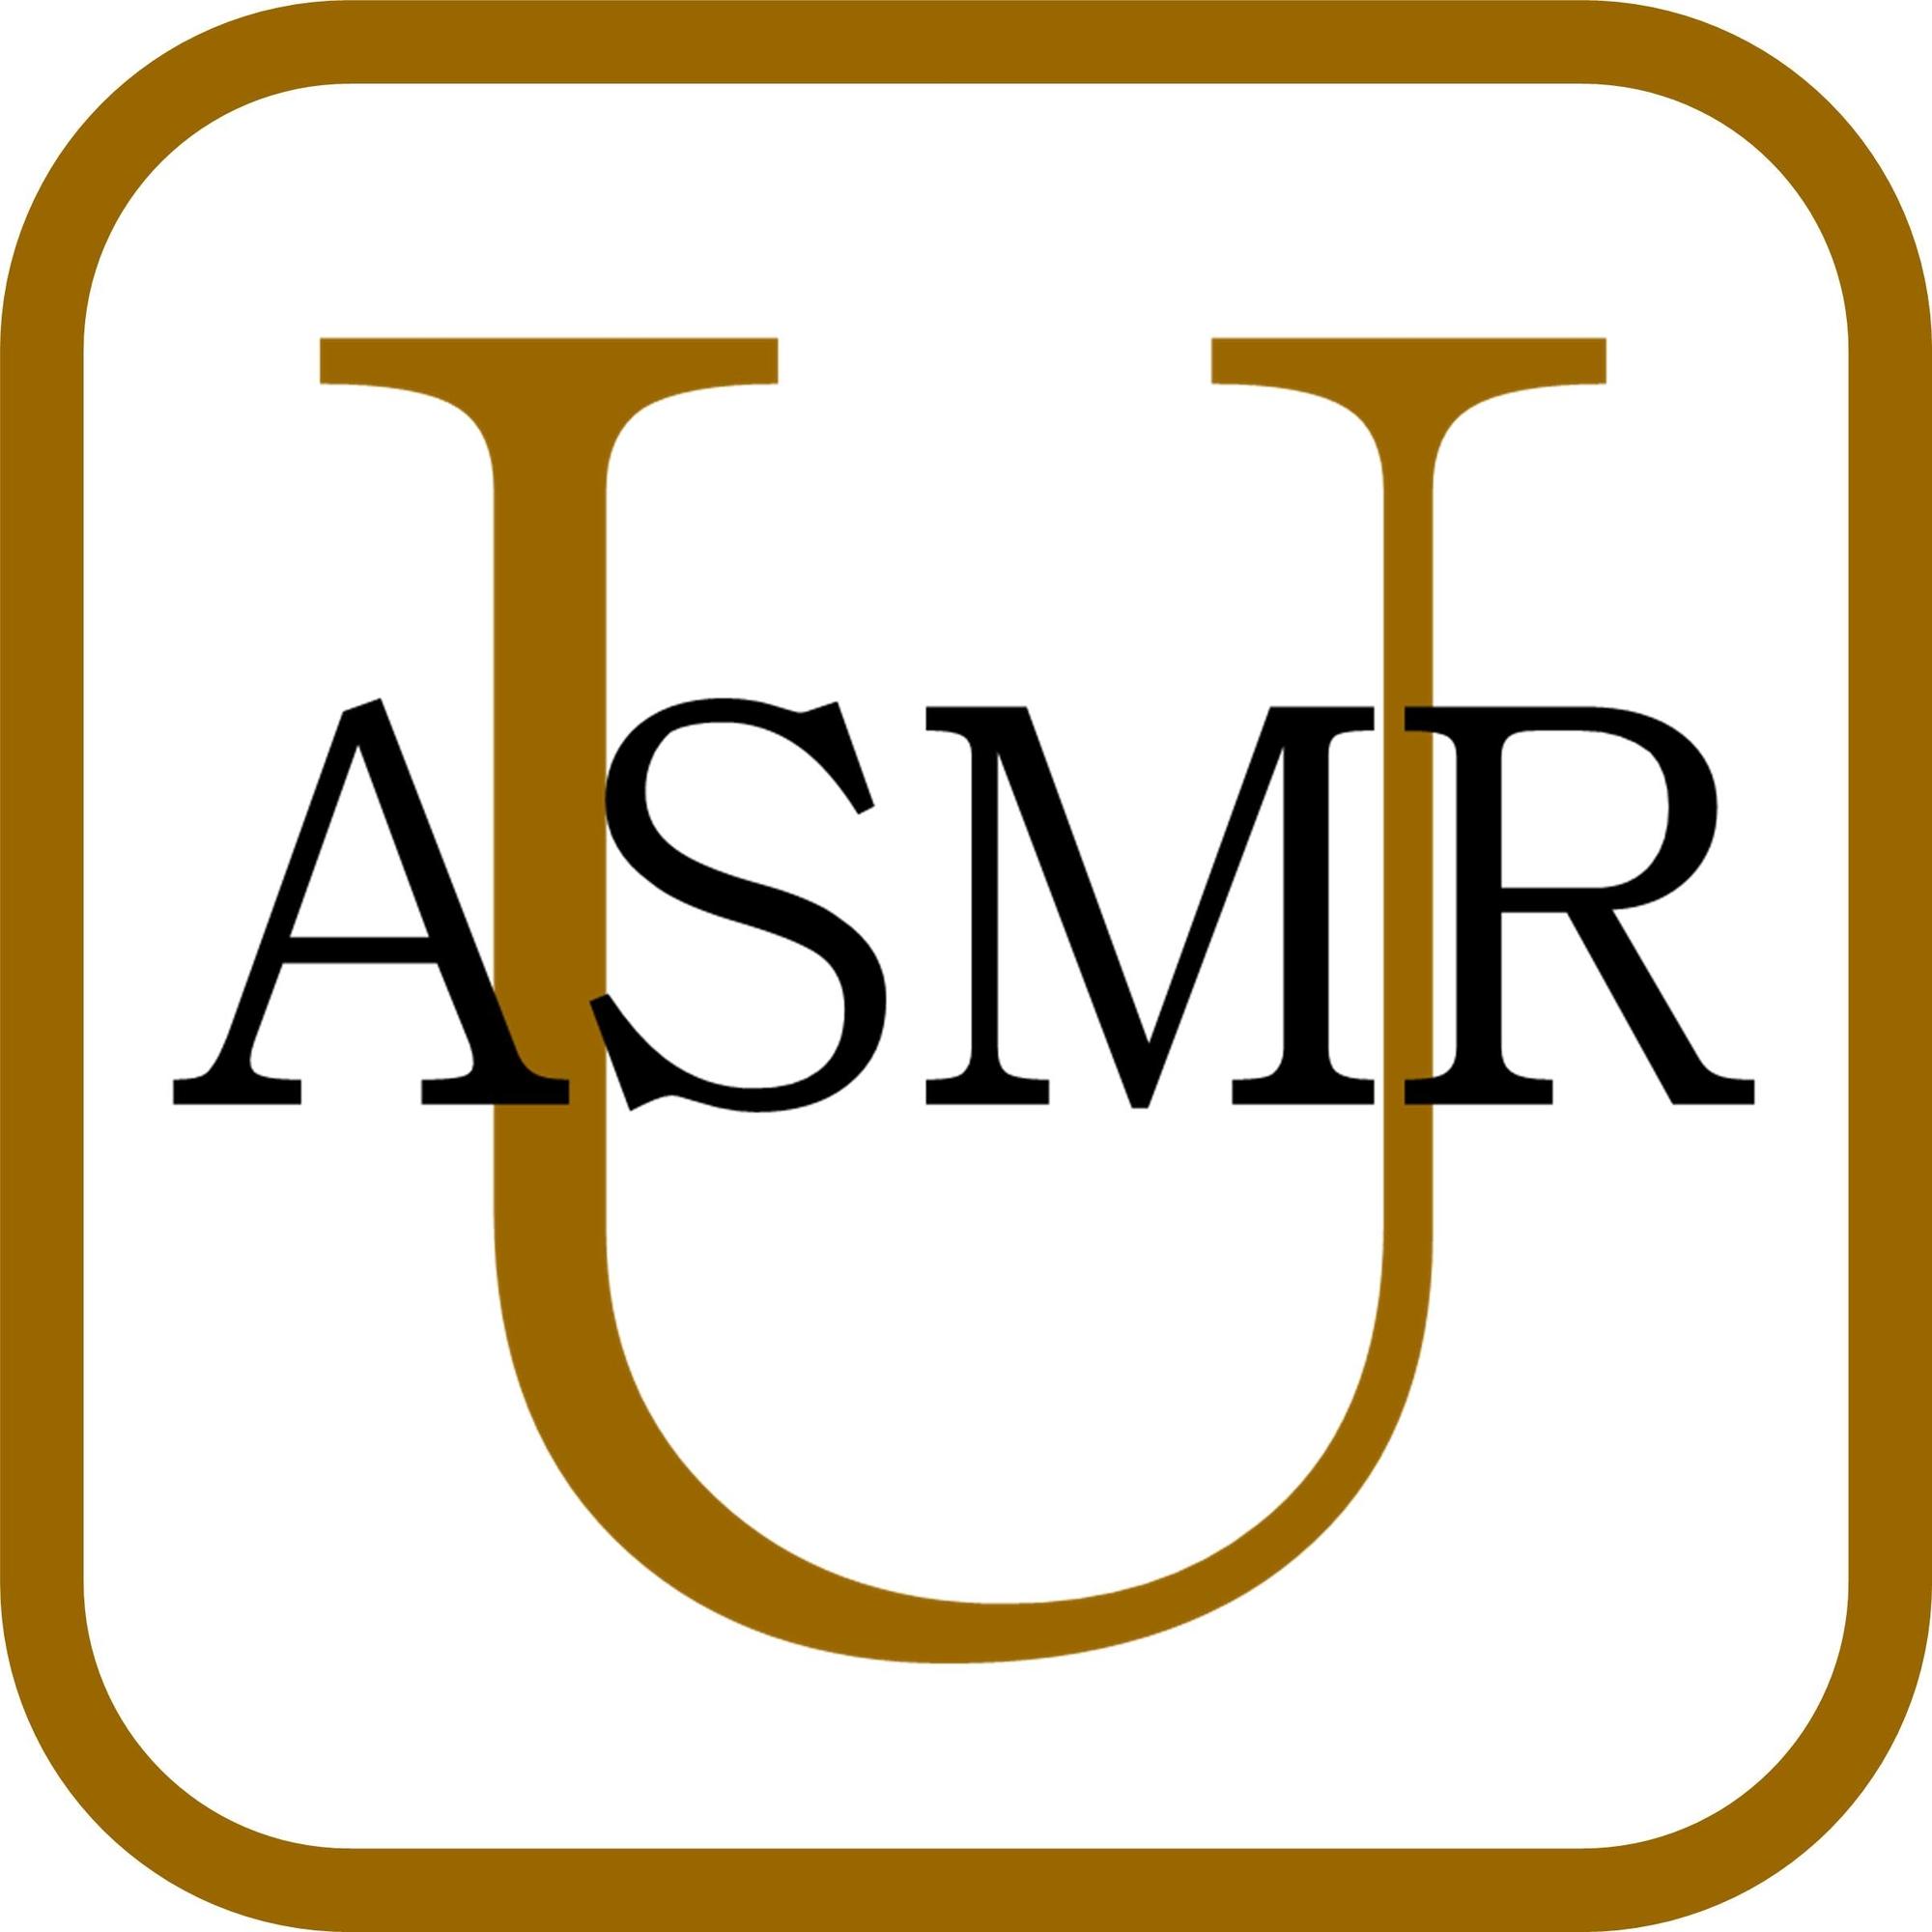 ASMR University Podcast